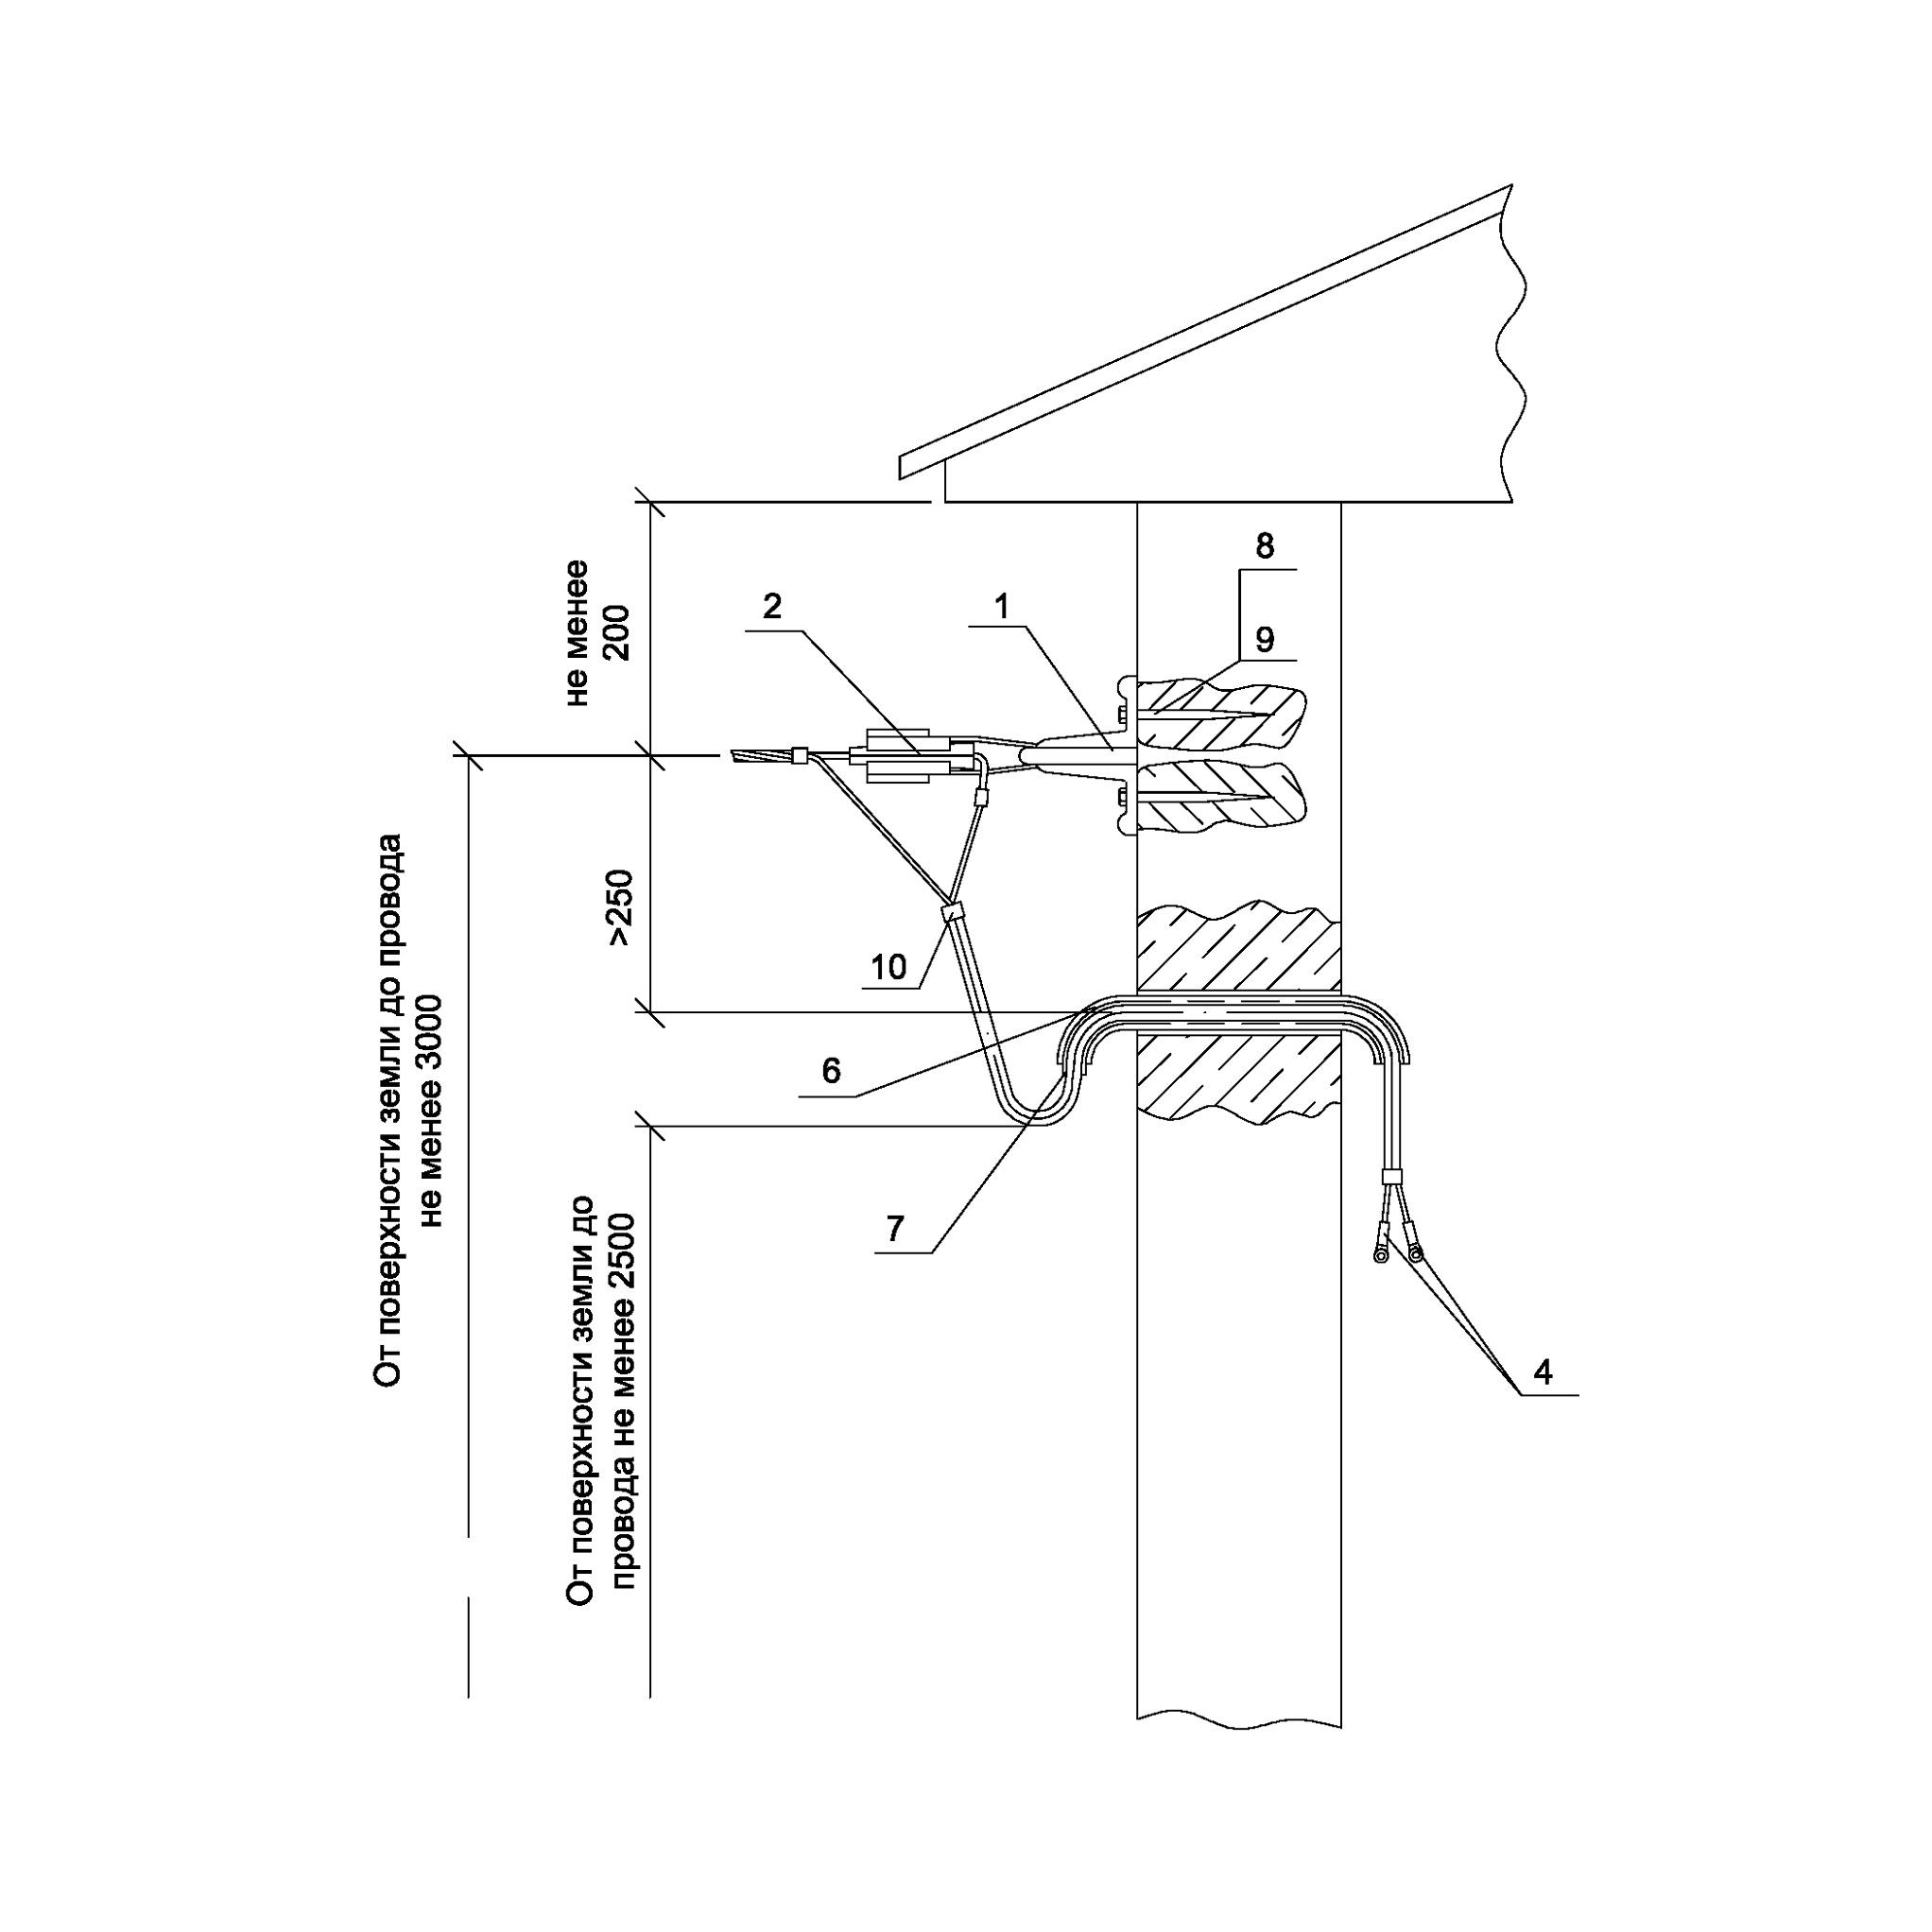 Ввод в КТП СИП4-4 от деревянной опоры IEK